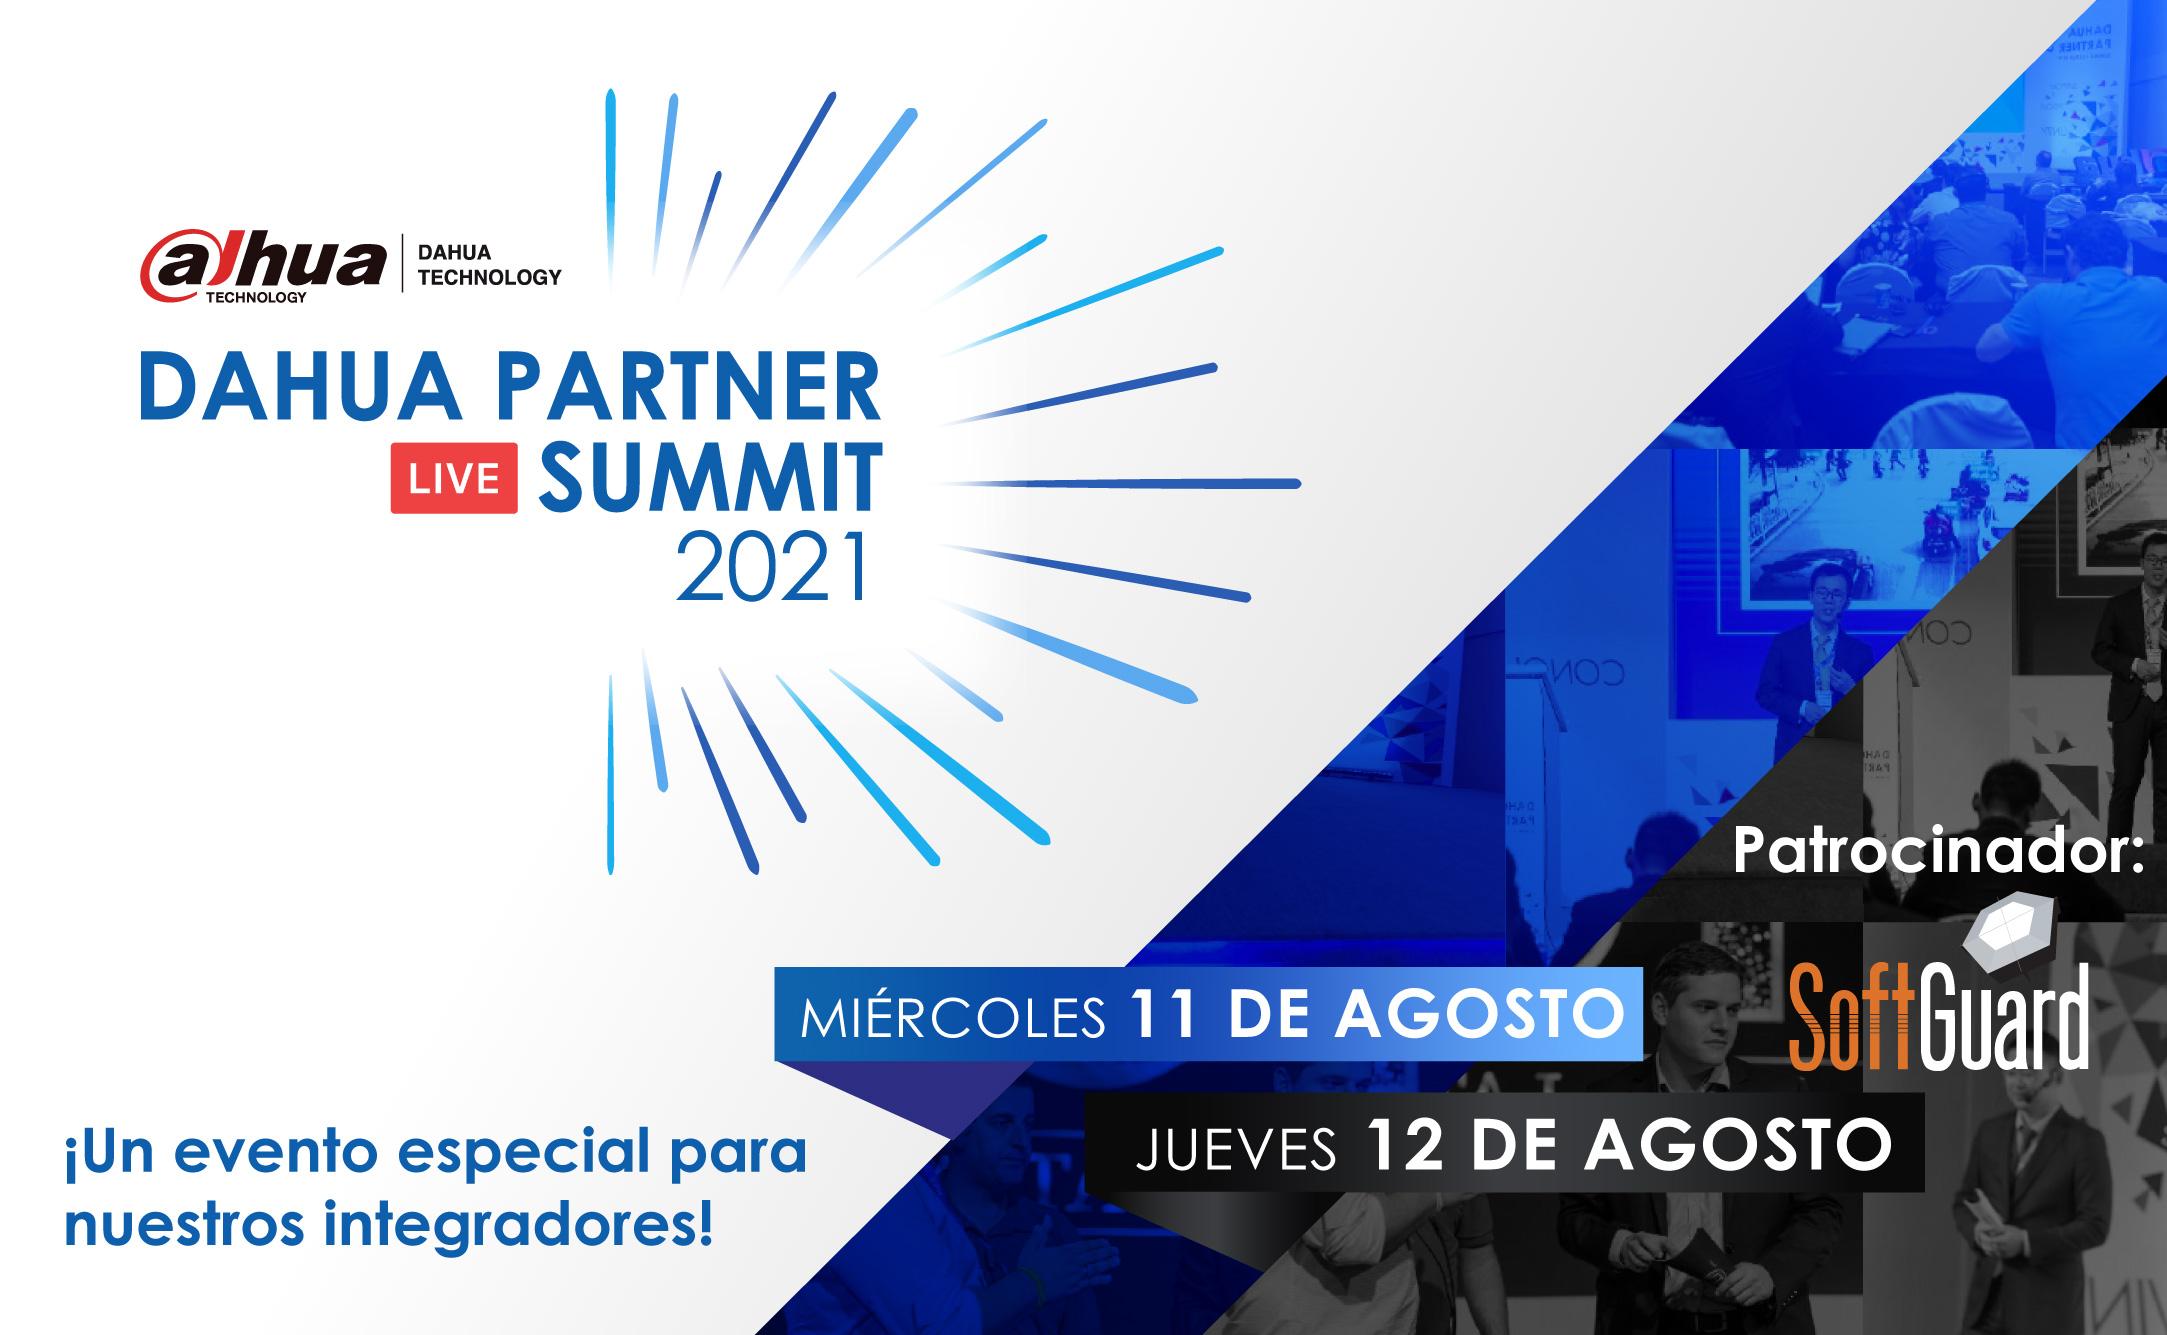 Dahua Partner Summit 2021, un evento para nuestros integradores.